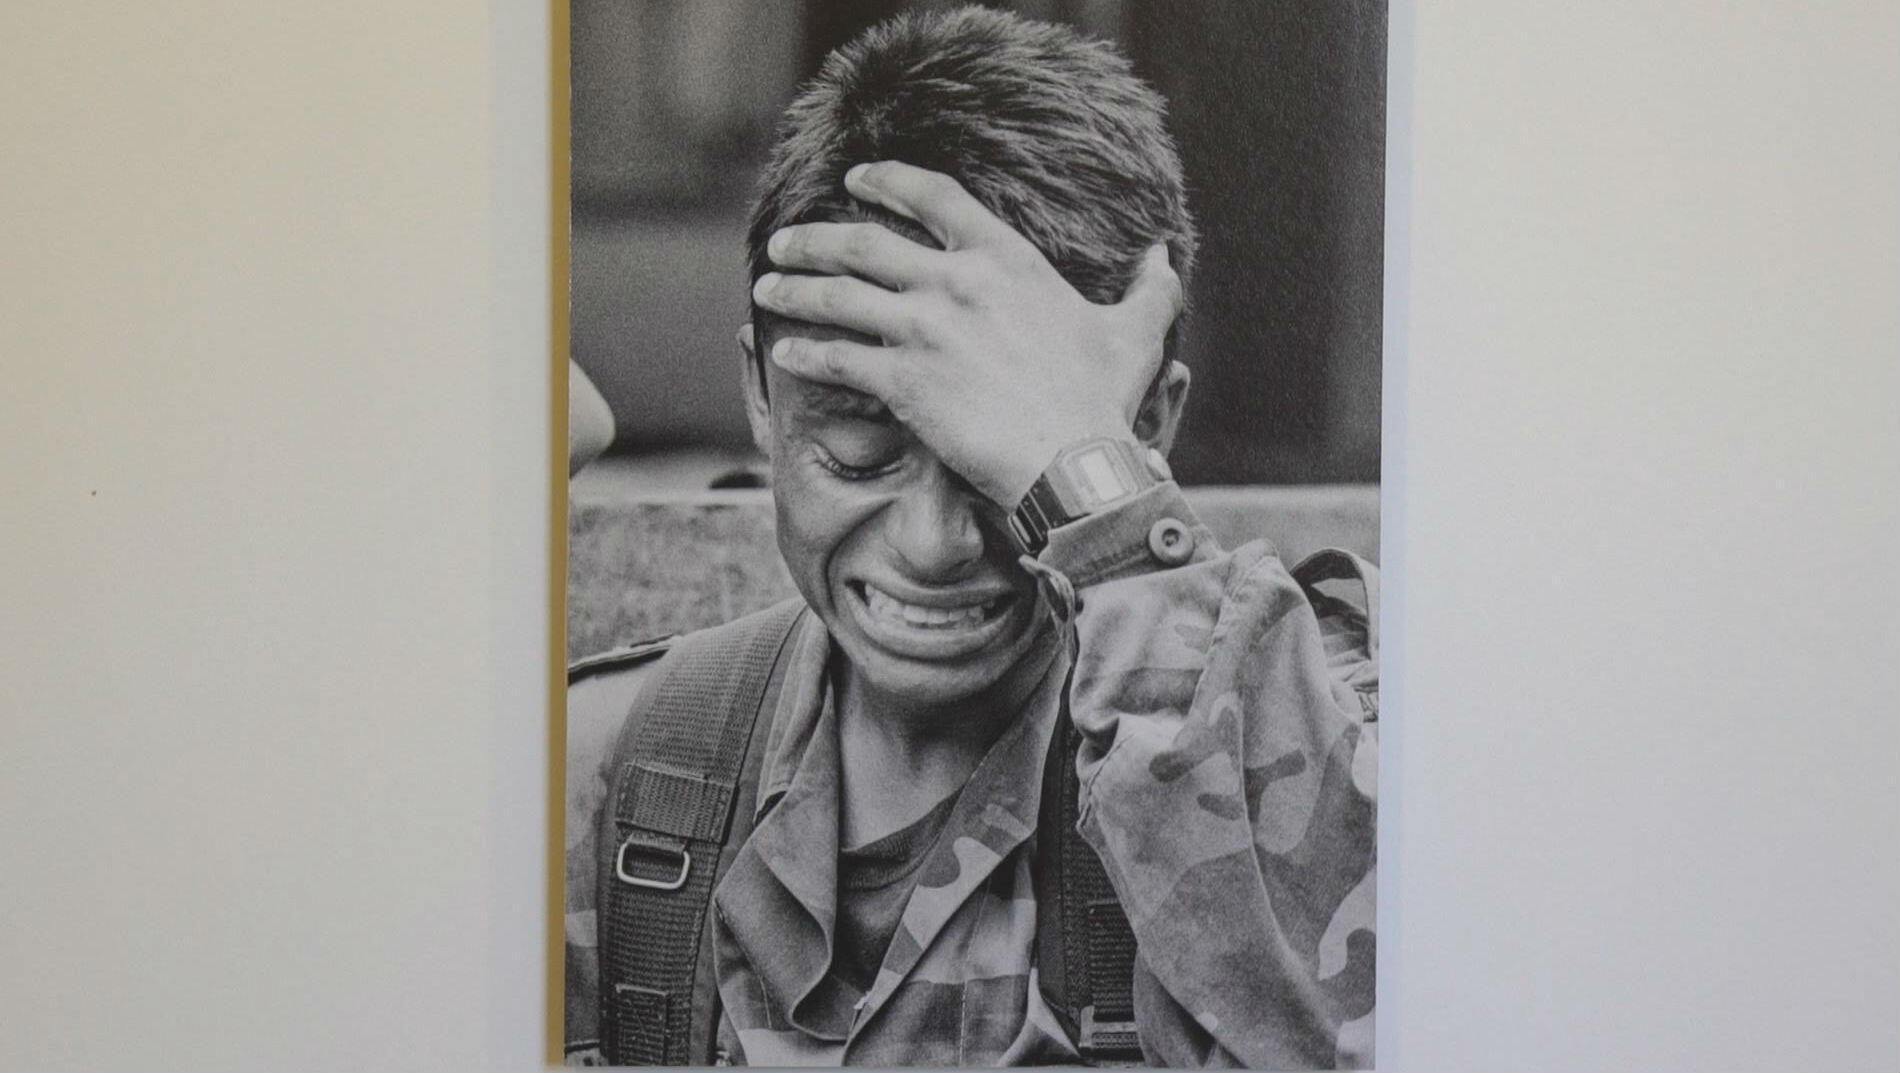 Foto tomada de la galeria de Jesús Abad, tomada a un soldado colombiano al que le acaban de matar su hermana menor.